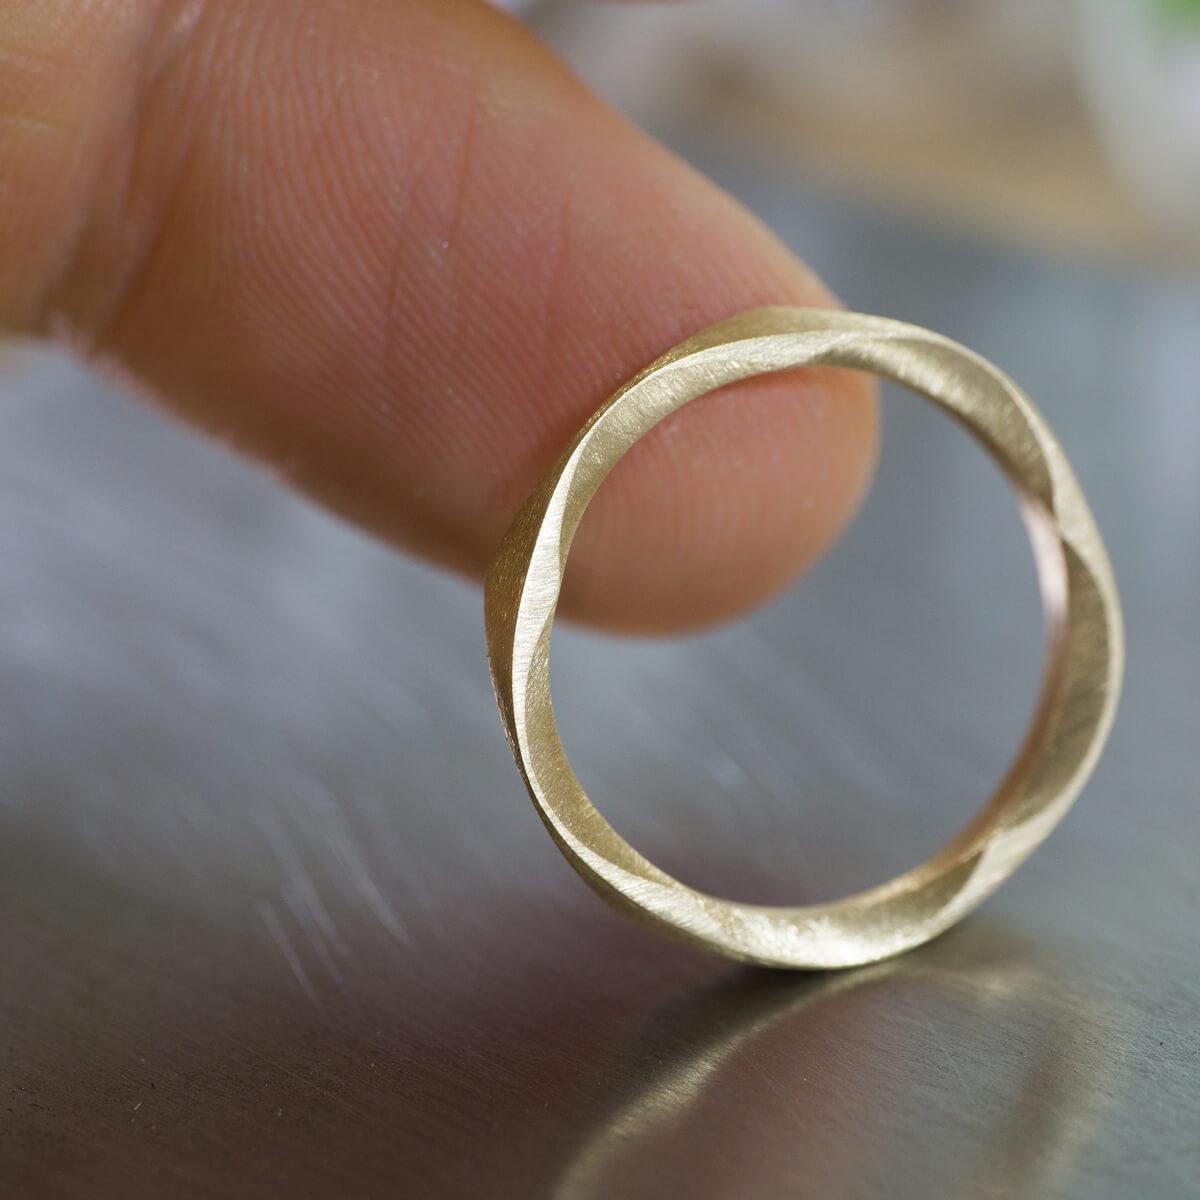 角度3 指に添えて オーダーメイドマリッジリング ジュエリーのアトリエに指輪 ゴールド 屋久島で作る結婚指輪